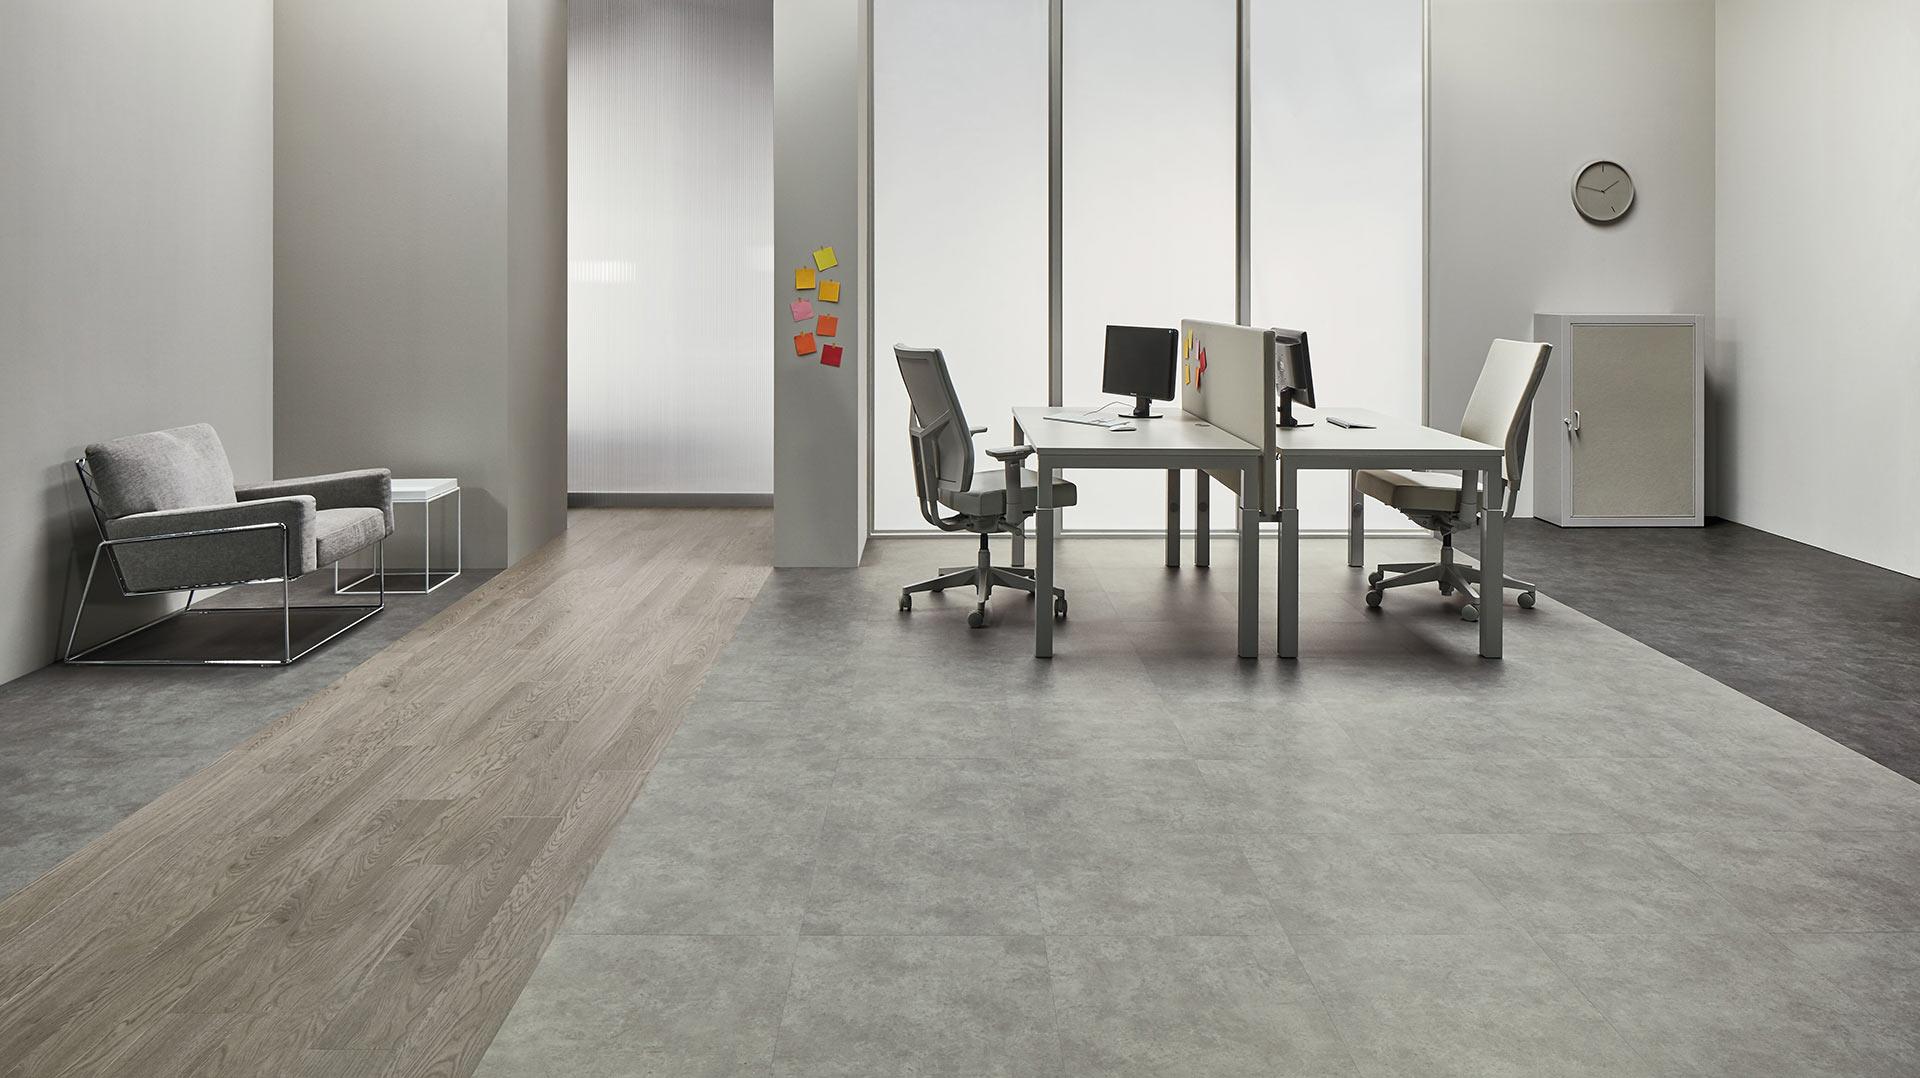 Vinylboden Grey Waxed Oak – Graumeliertes, gewachstes Eichenholz – Jetzt kostenloses Muster bestellen!